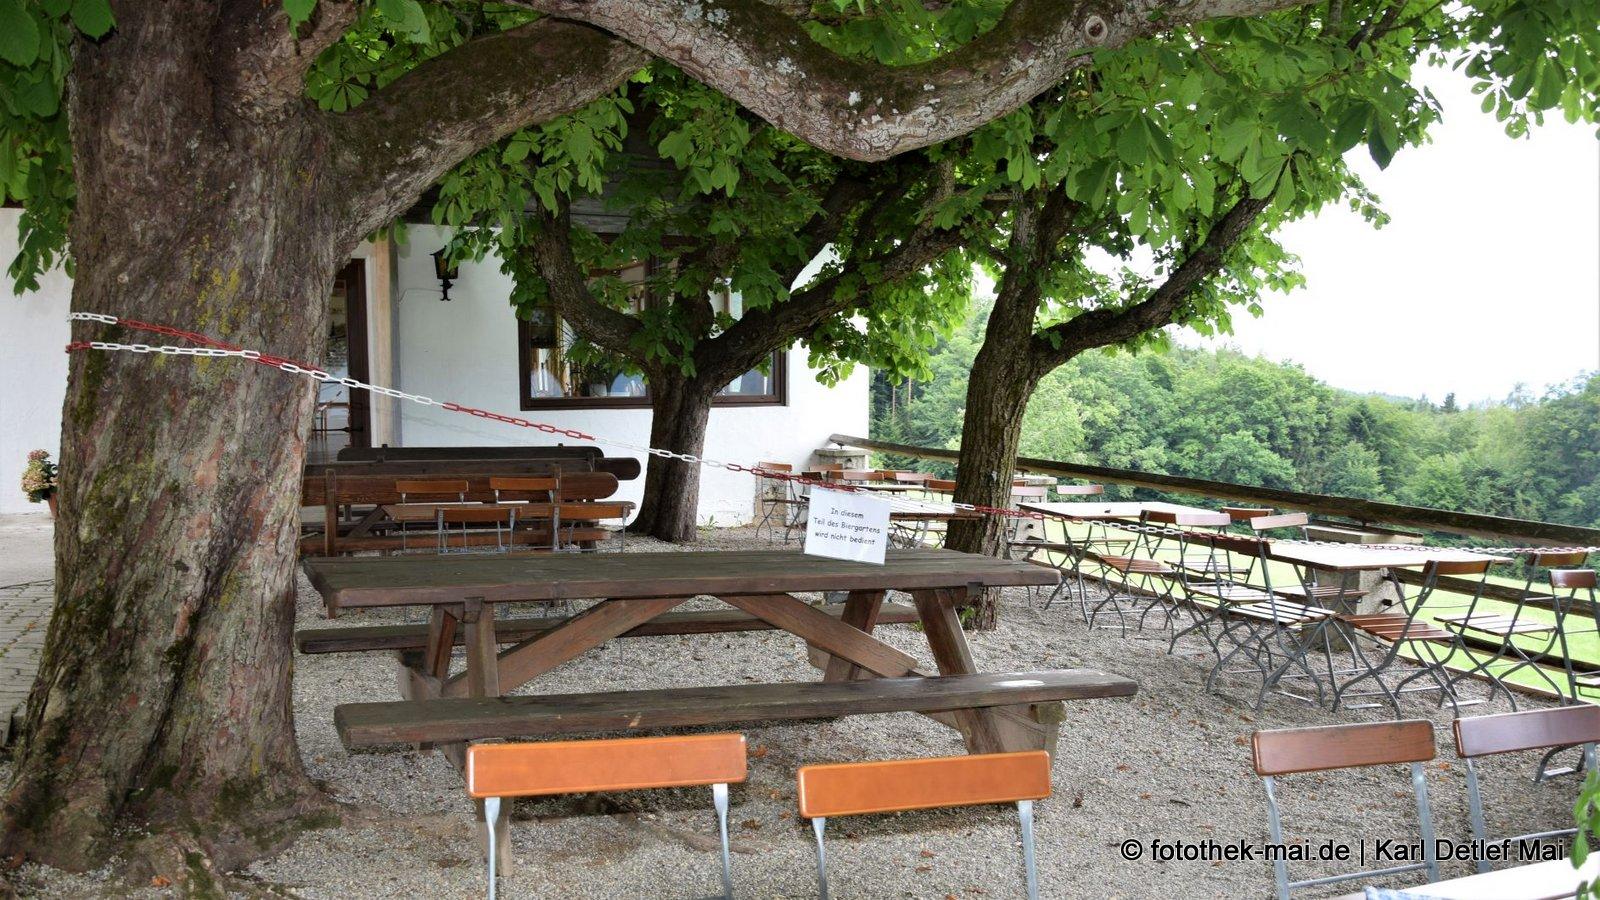 Damals schon erschrocken, Plätze mit Aussicht abgesperrt // Bayrische Ausflugsgaststätte im Berchtesgadener Land